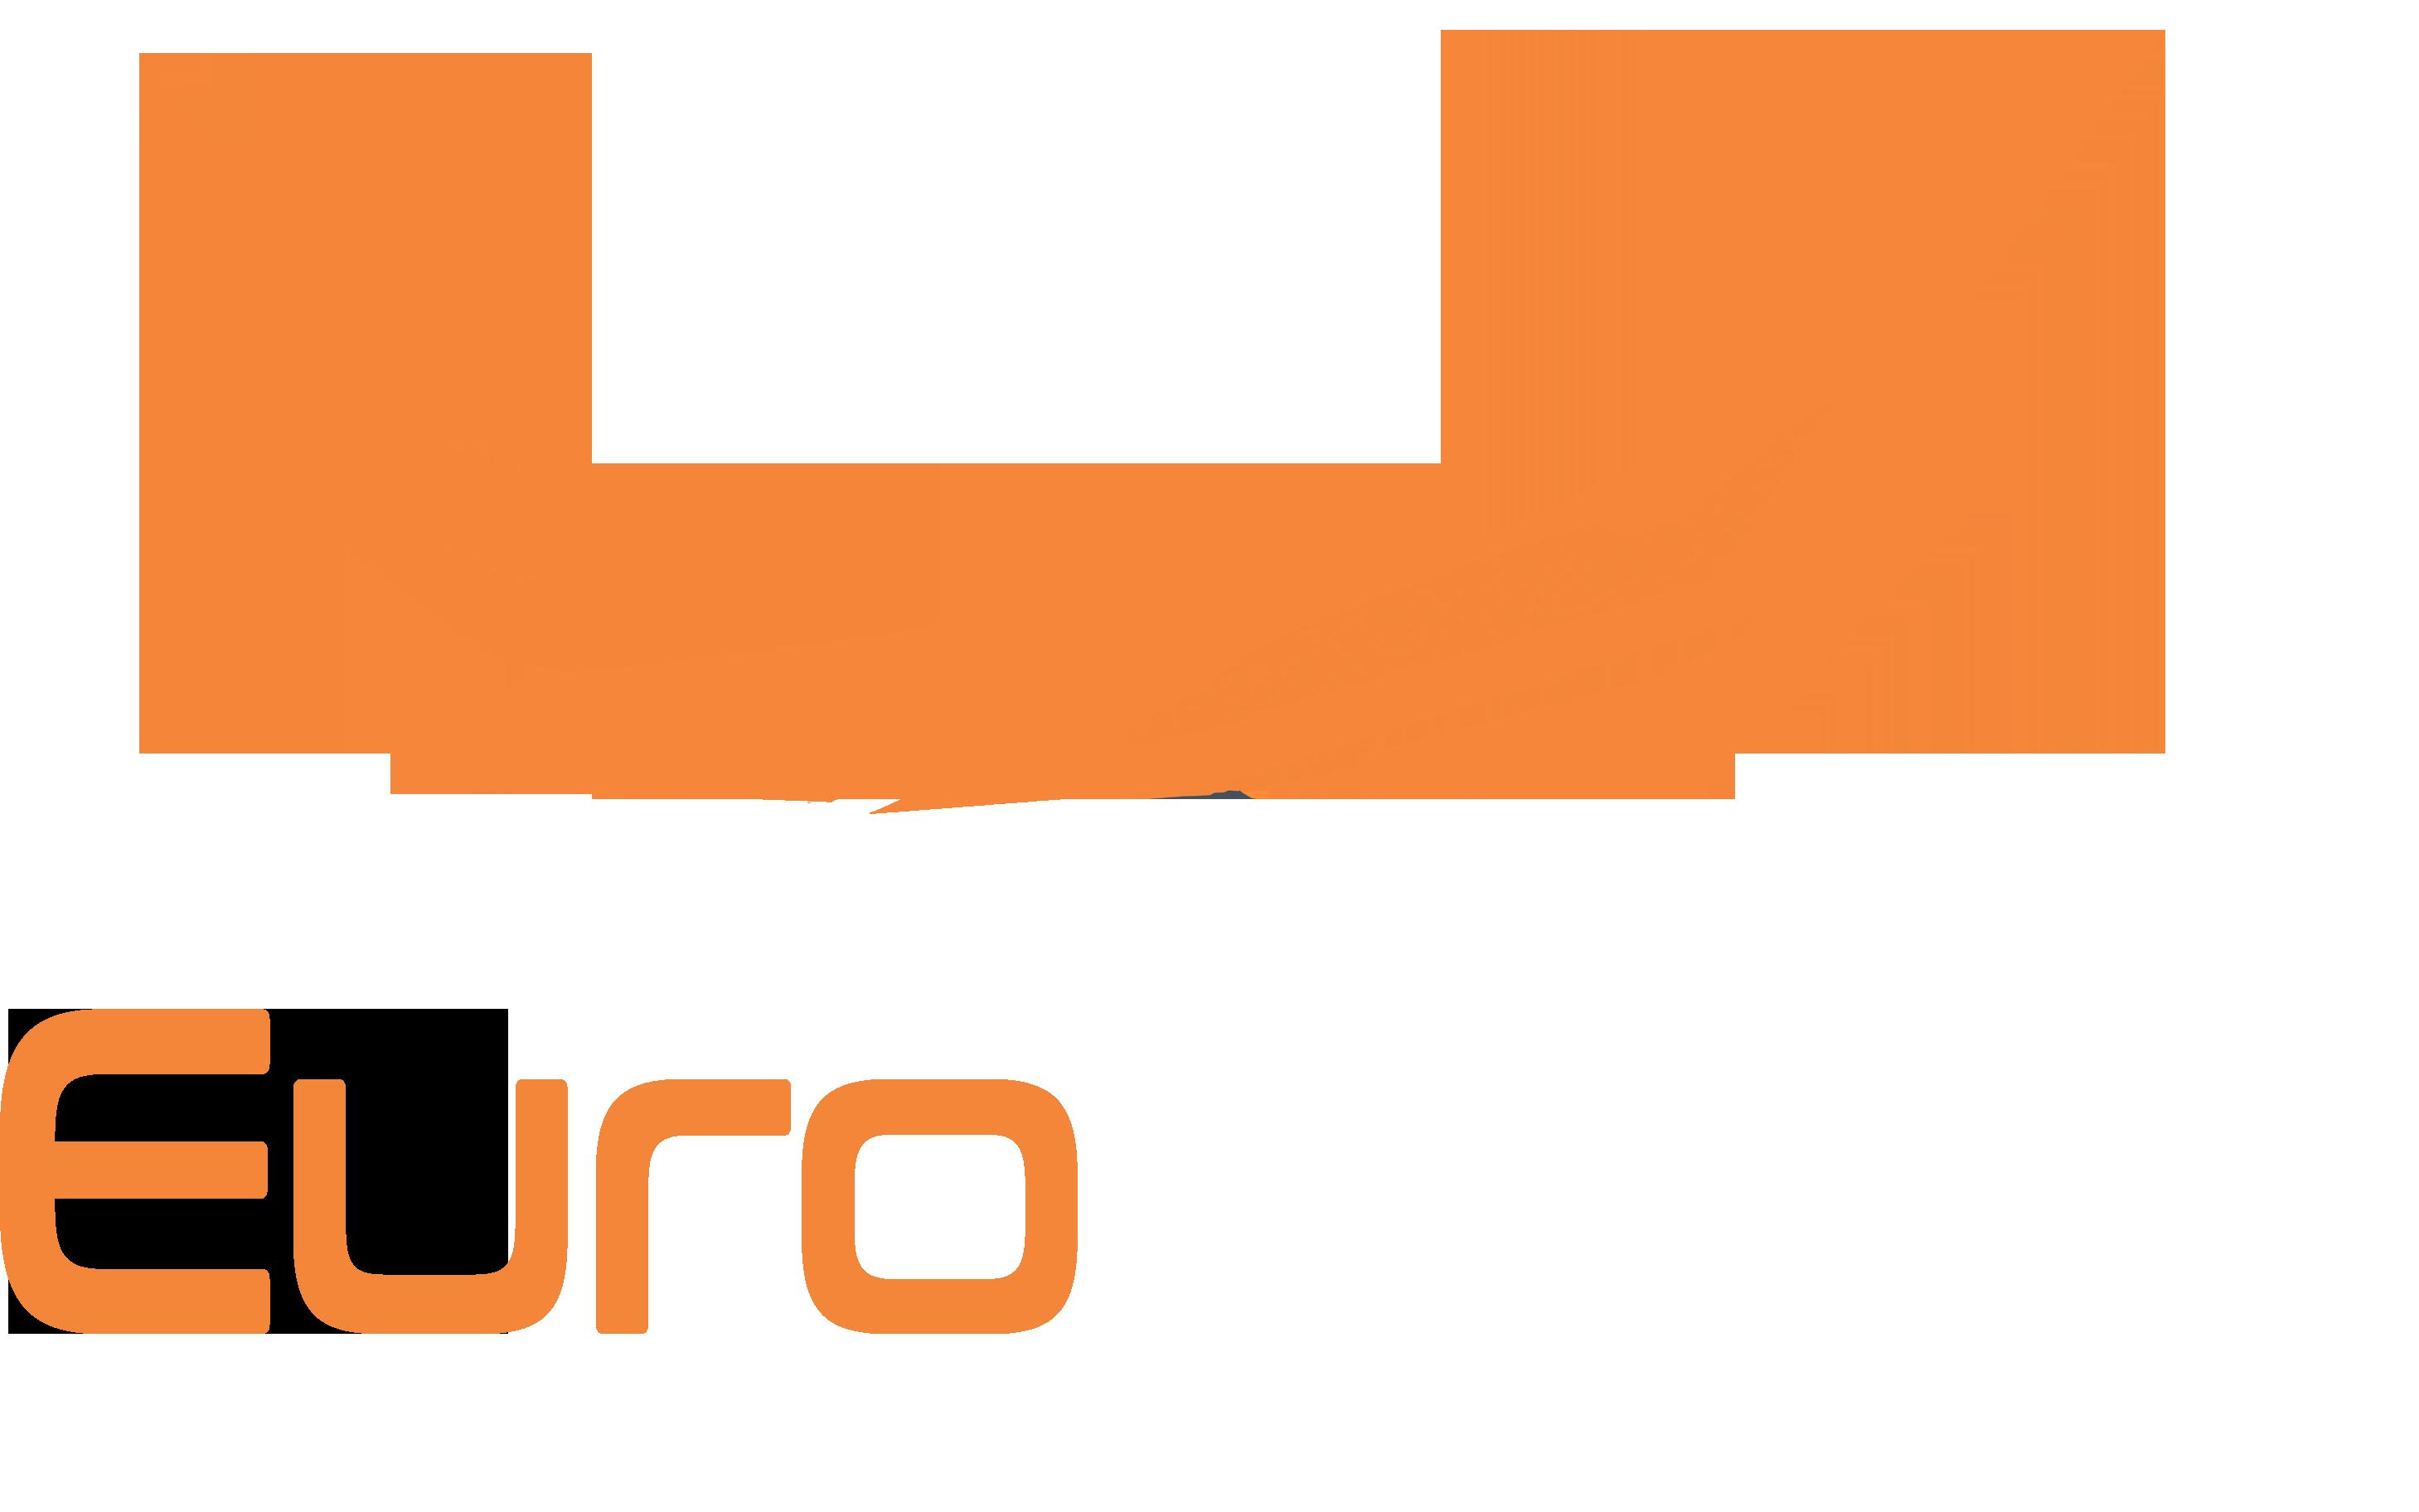 Euromigra